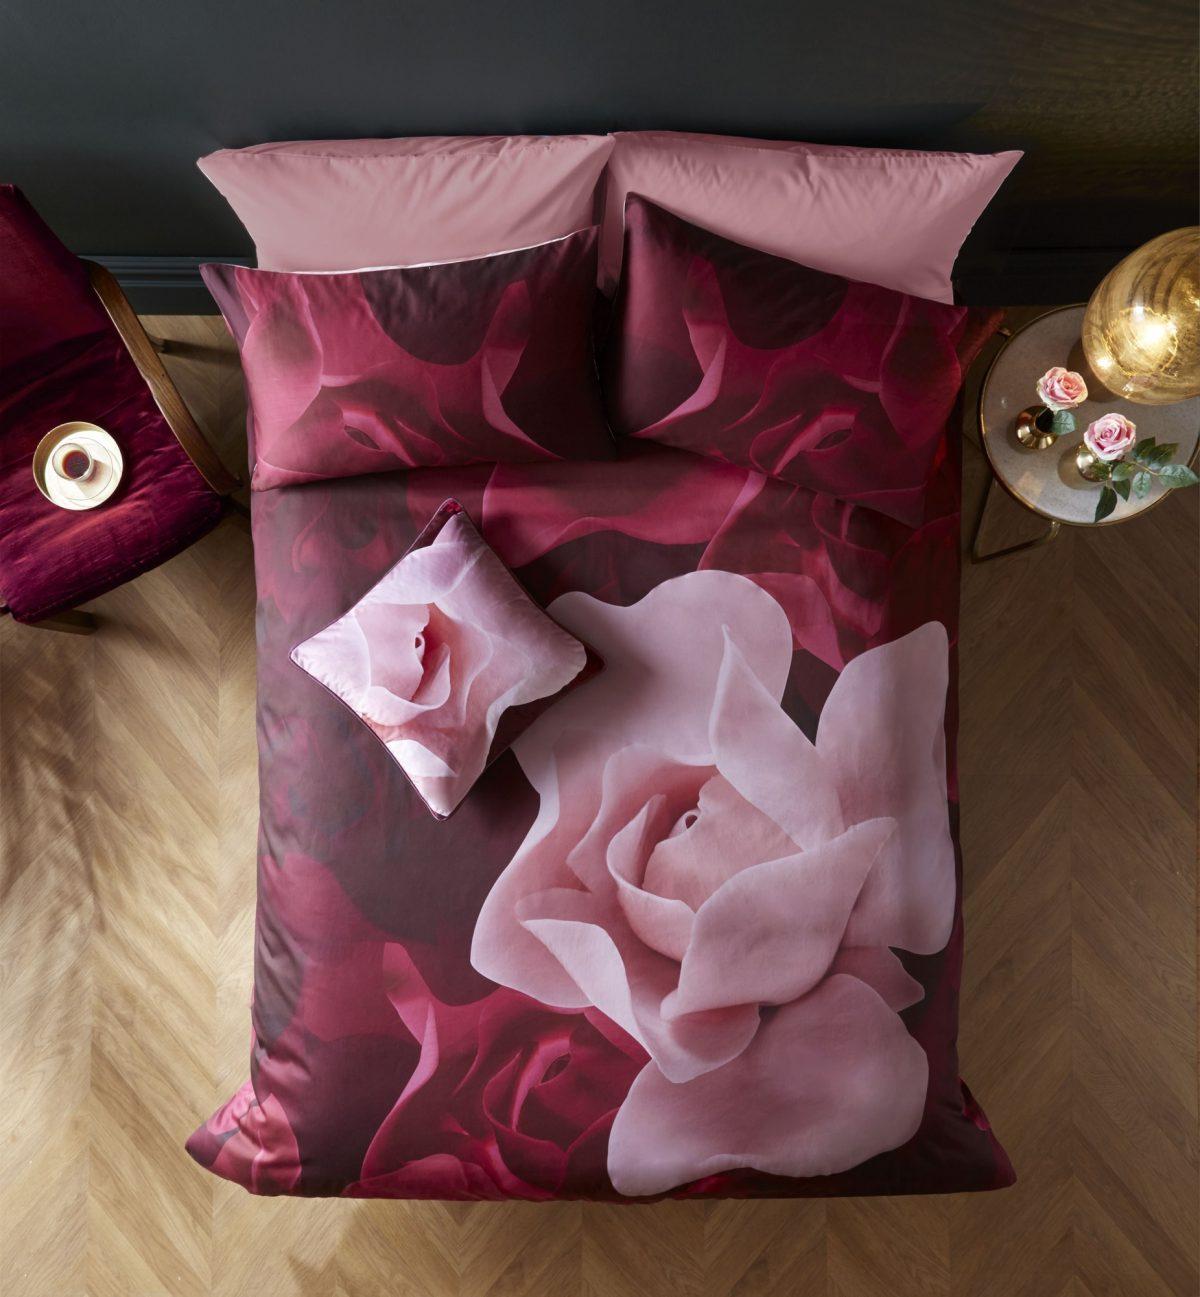 Porcelain Rose Aubergine Final For Email